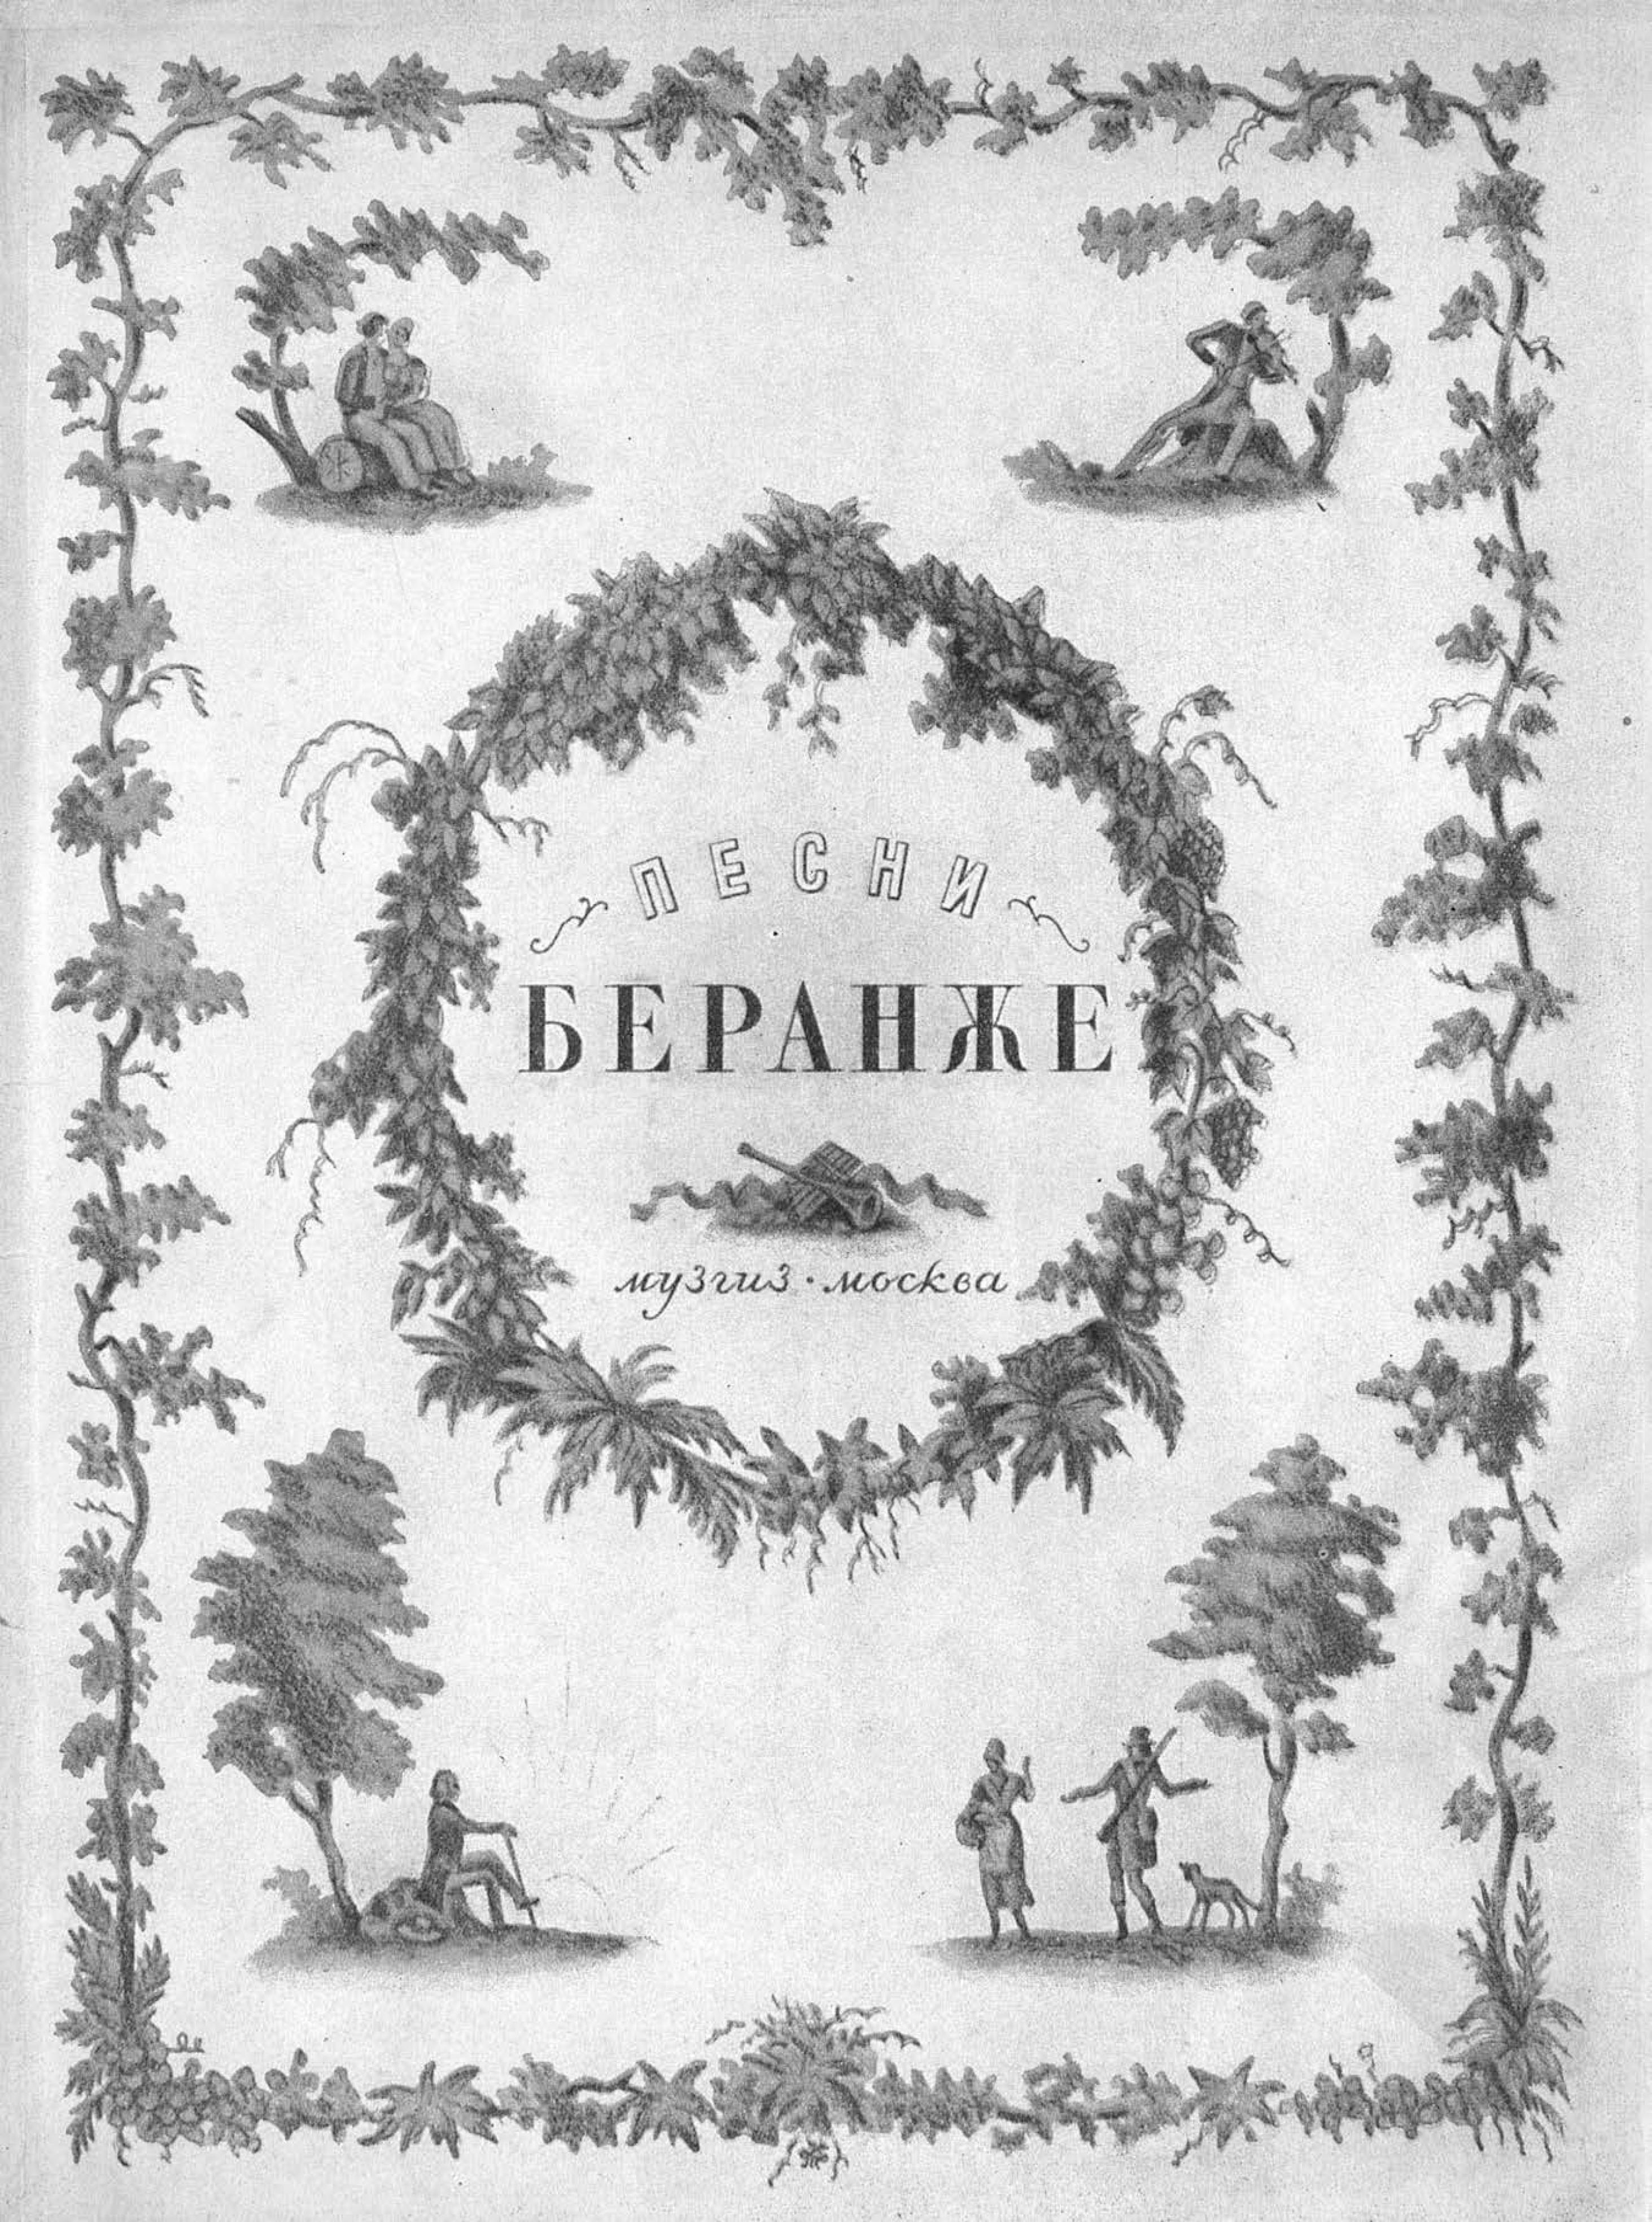 Народное творчество Песни Беранже народное творчество занимается день народные и казачьи песни